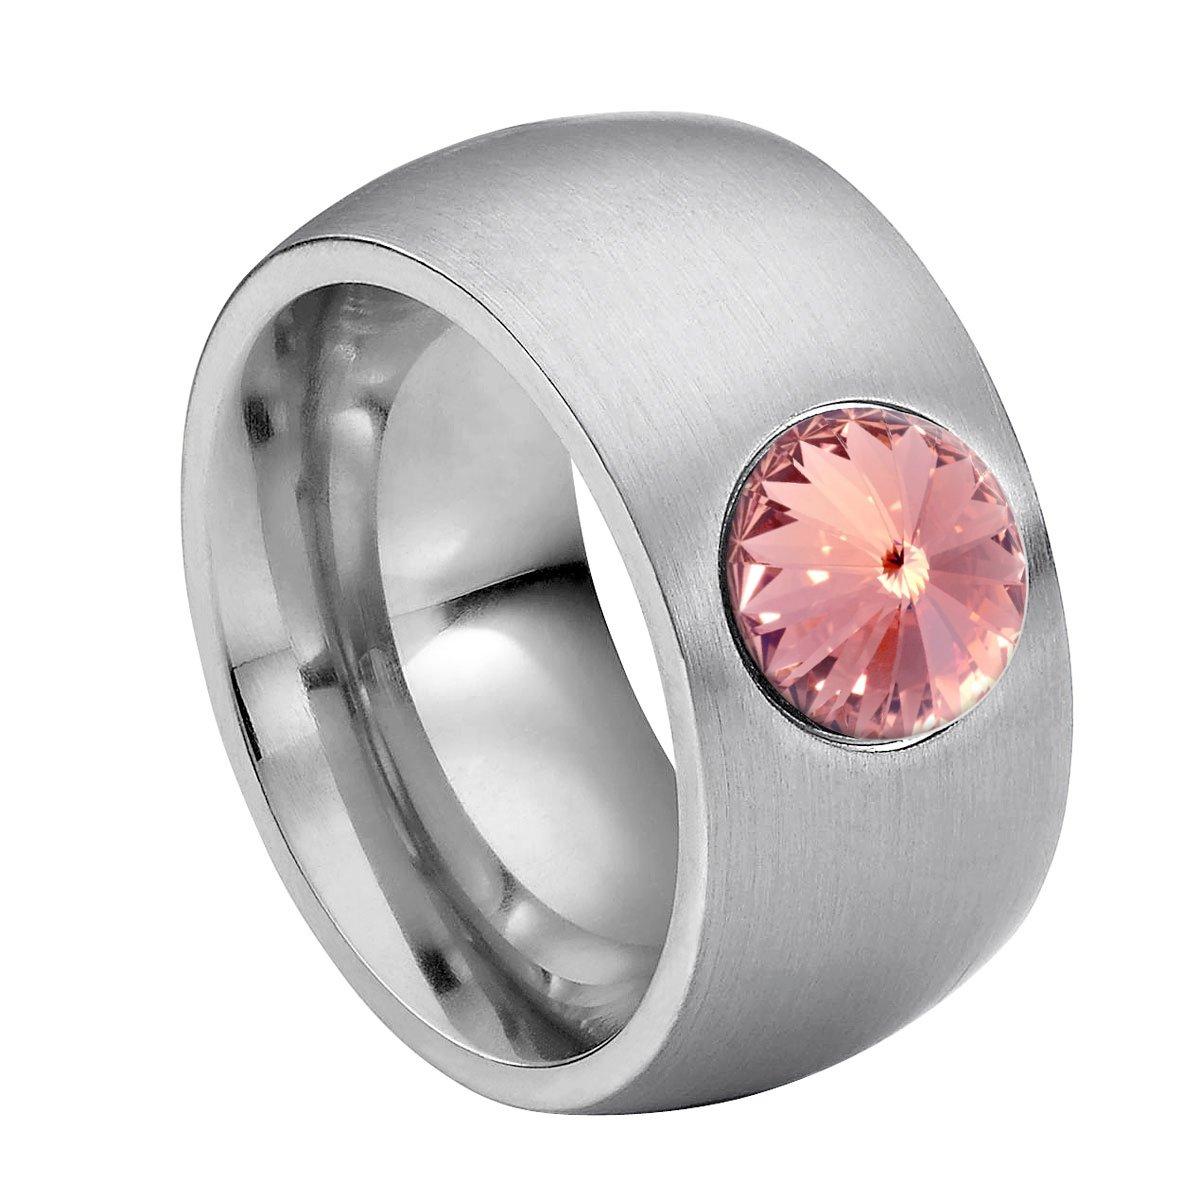 Heideman Damen-Ring Coma 11 glanzmatt Perle Swarovski Perle Weiß 8 mm Ringe mit Perlen Perlenschmuck Zuchtperle Edelstahl